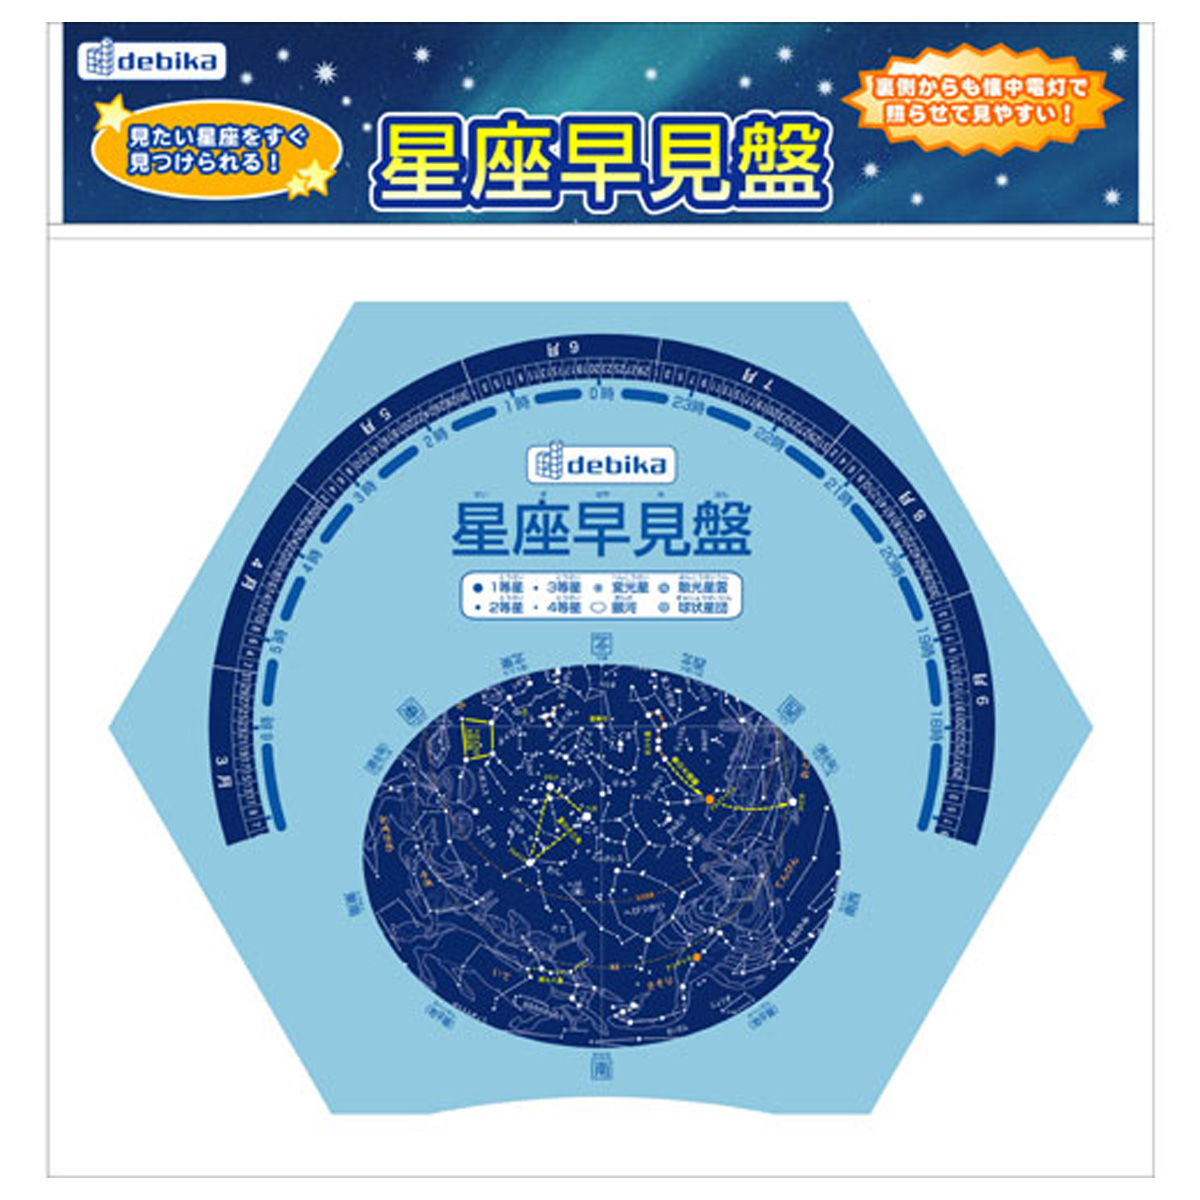 星座早見盤 学習 勉強 理科 星 観察 天体観測 子供 デビカ